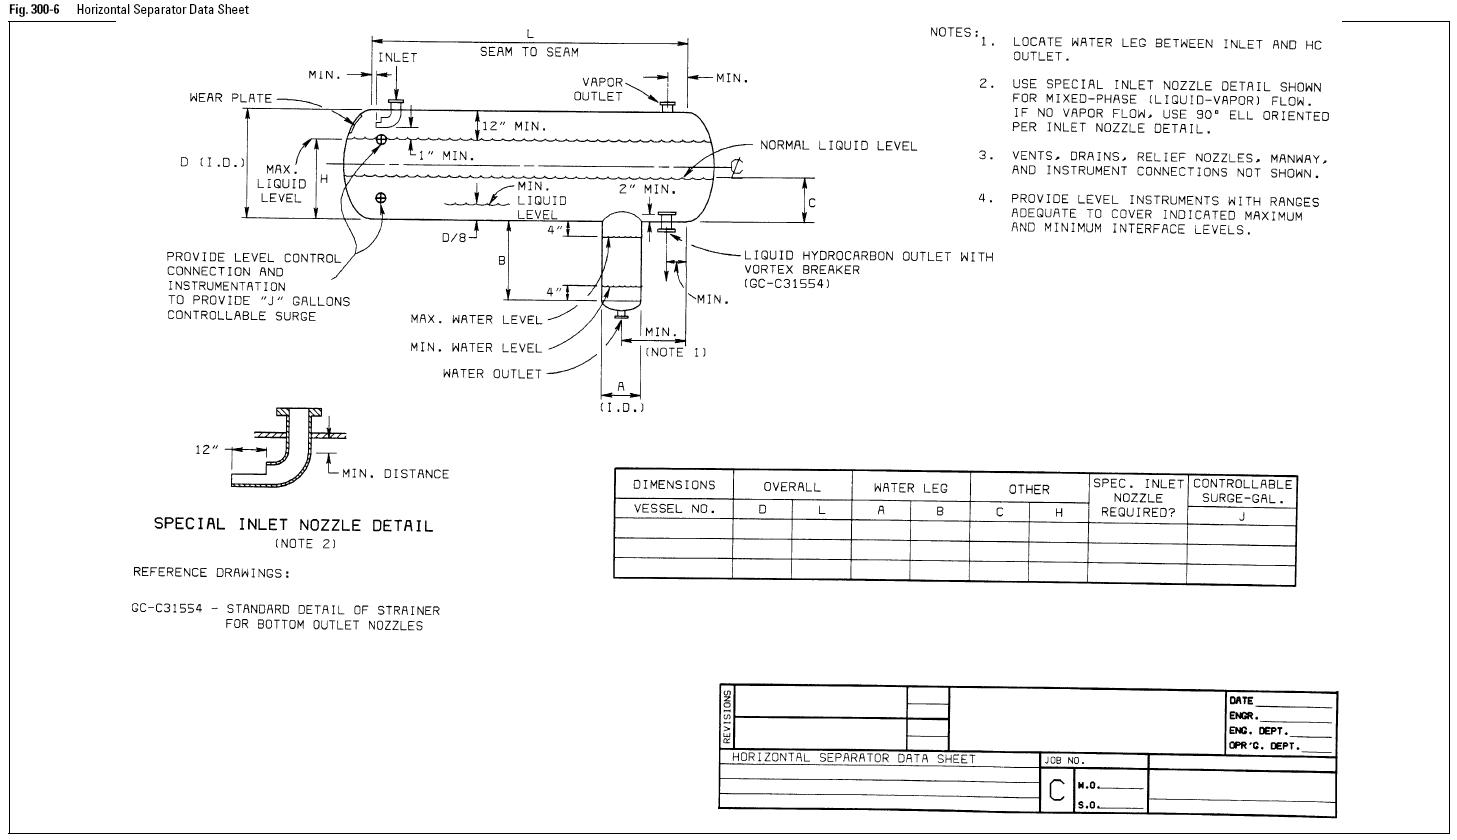 Horizontal Separator Data Sheet